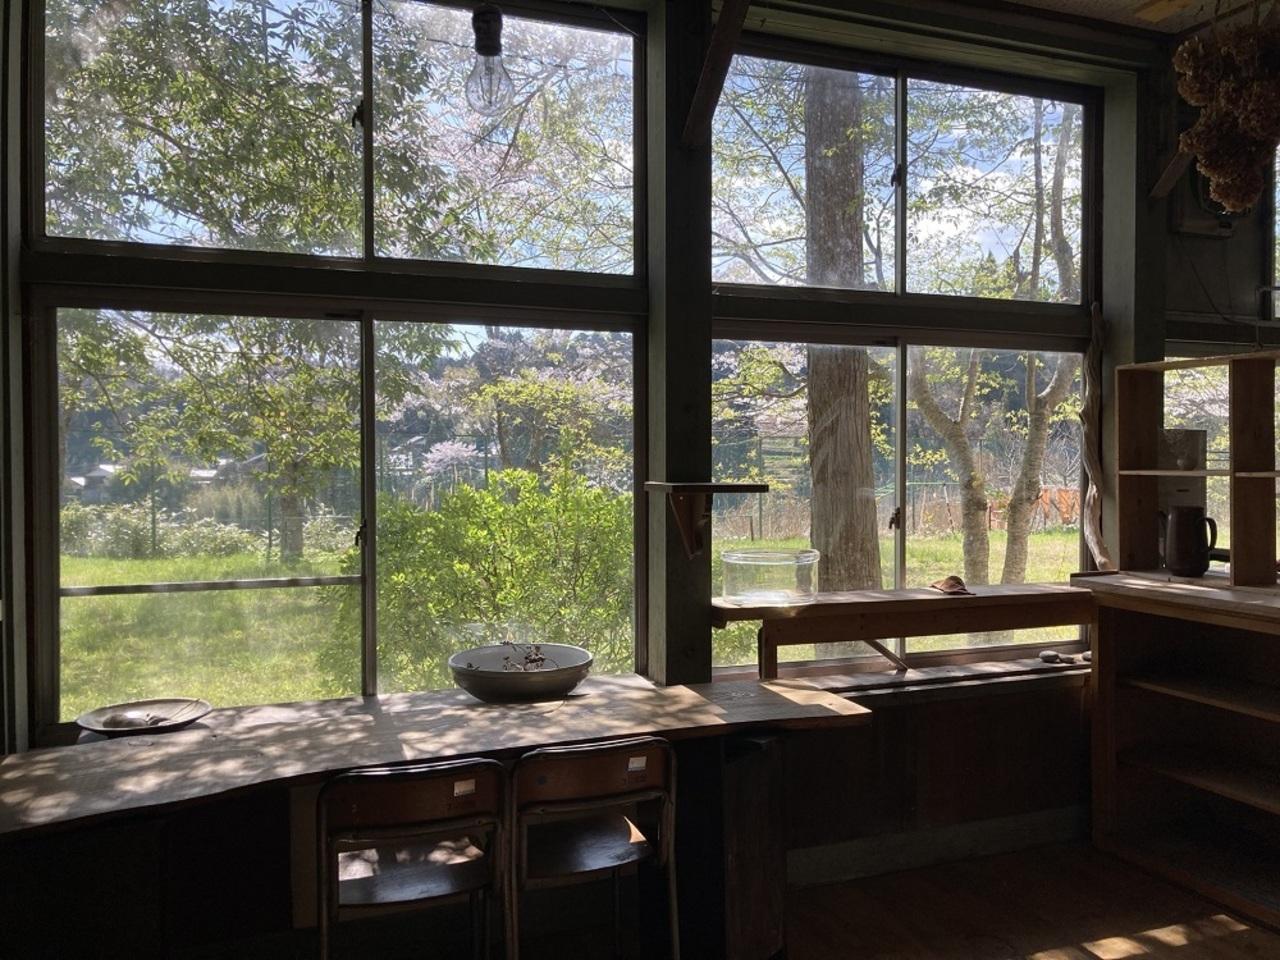 廃校の教室をカフェに。。。新潟県佐渡市羽茂大崎に『里山カフェ山里』5/3-5プレオープン